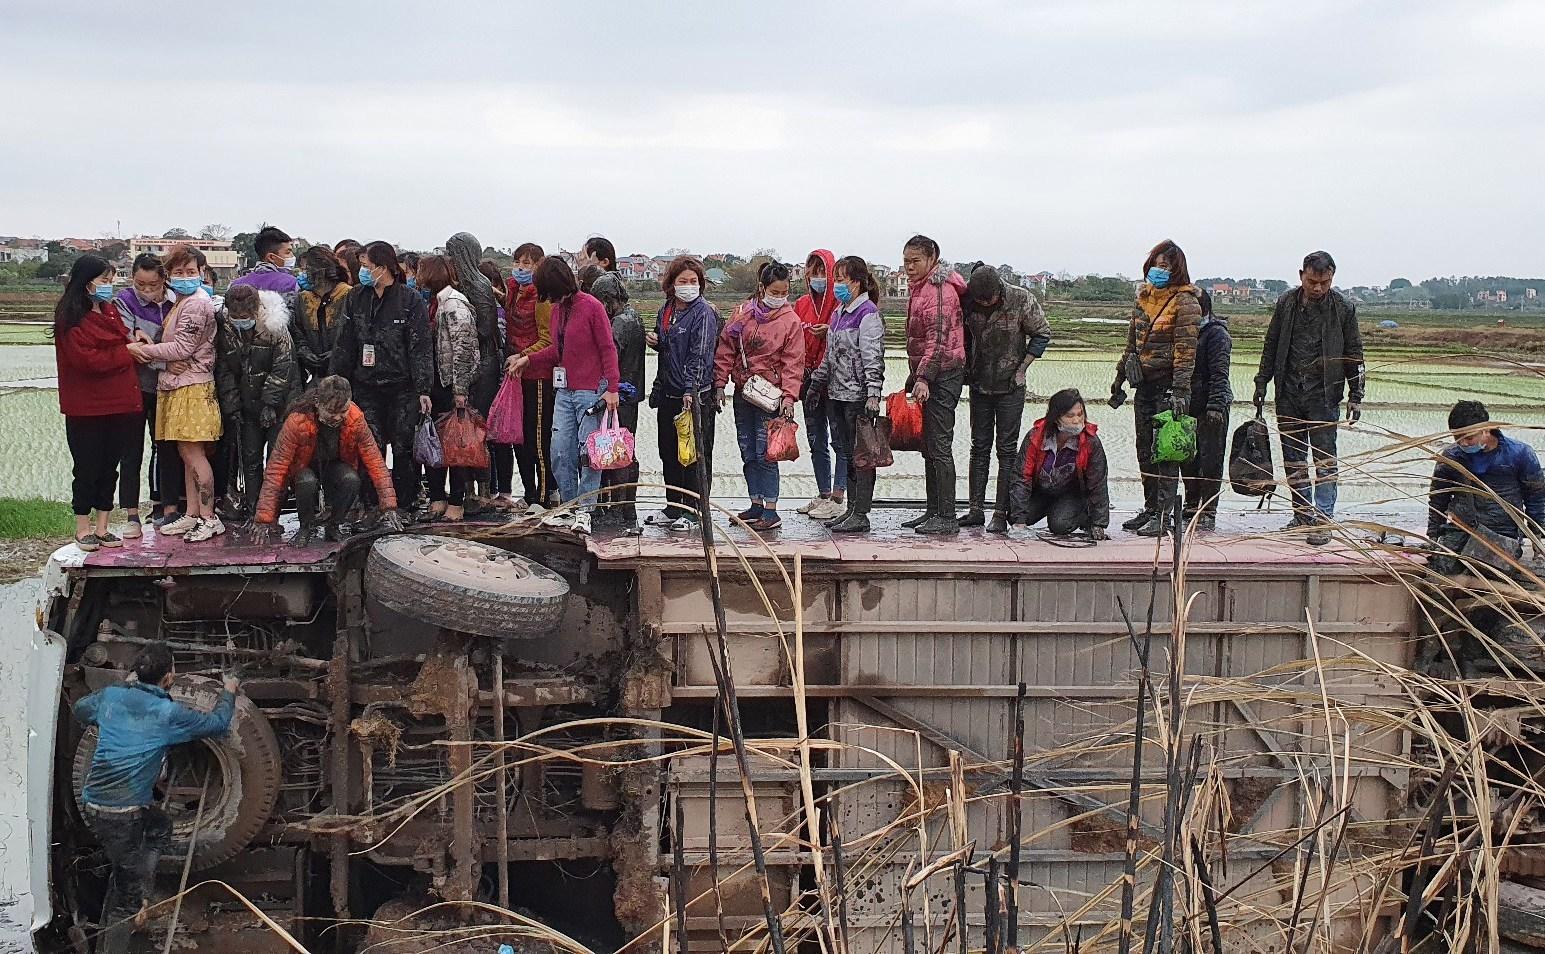 Xe ô tô chở 40 công nhân lao xuống ruộng, nhiều người hoảng loạn